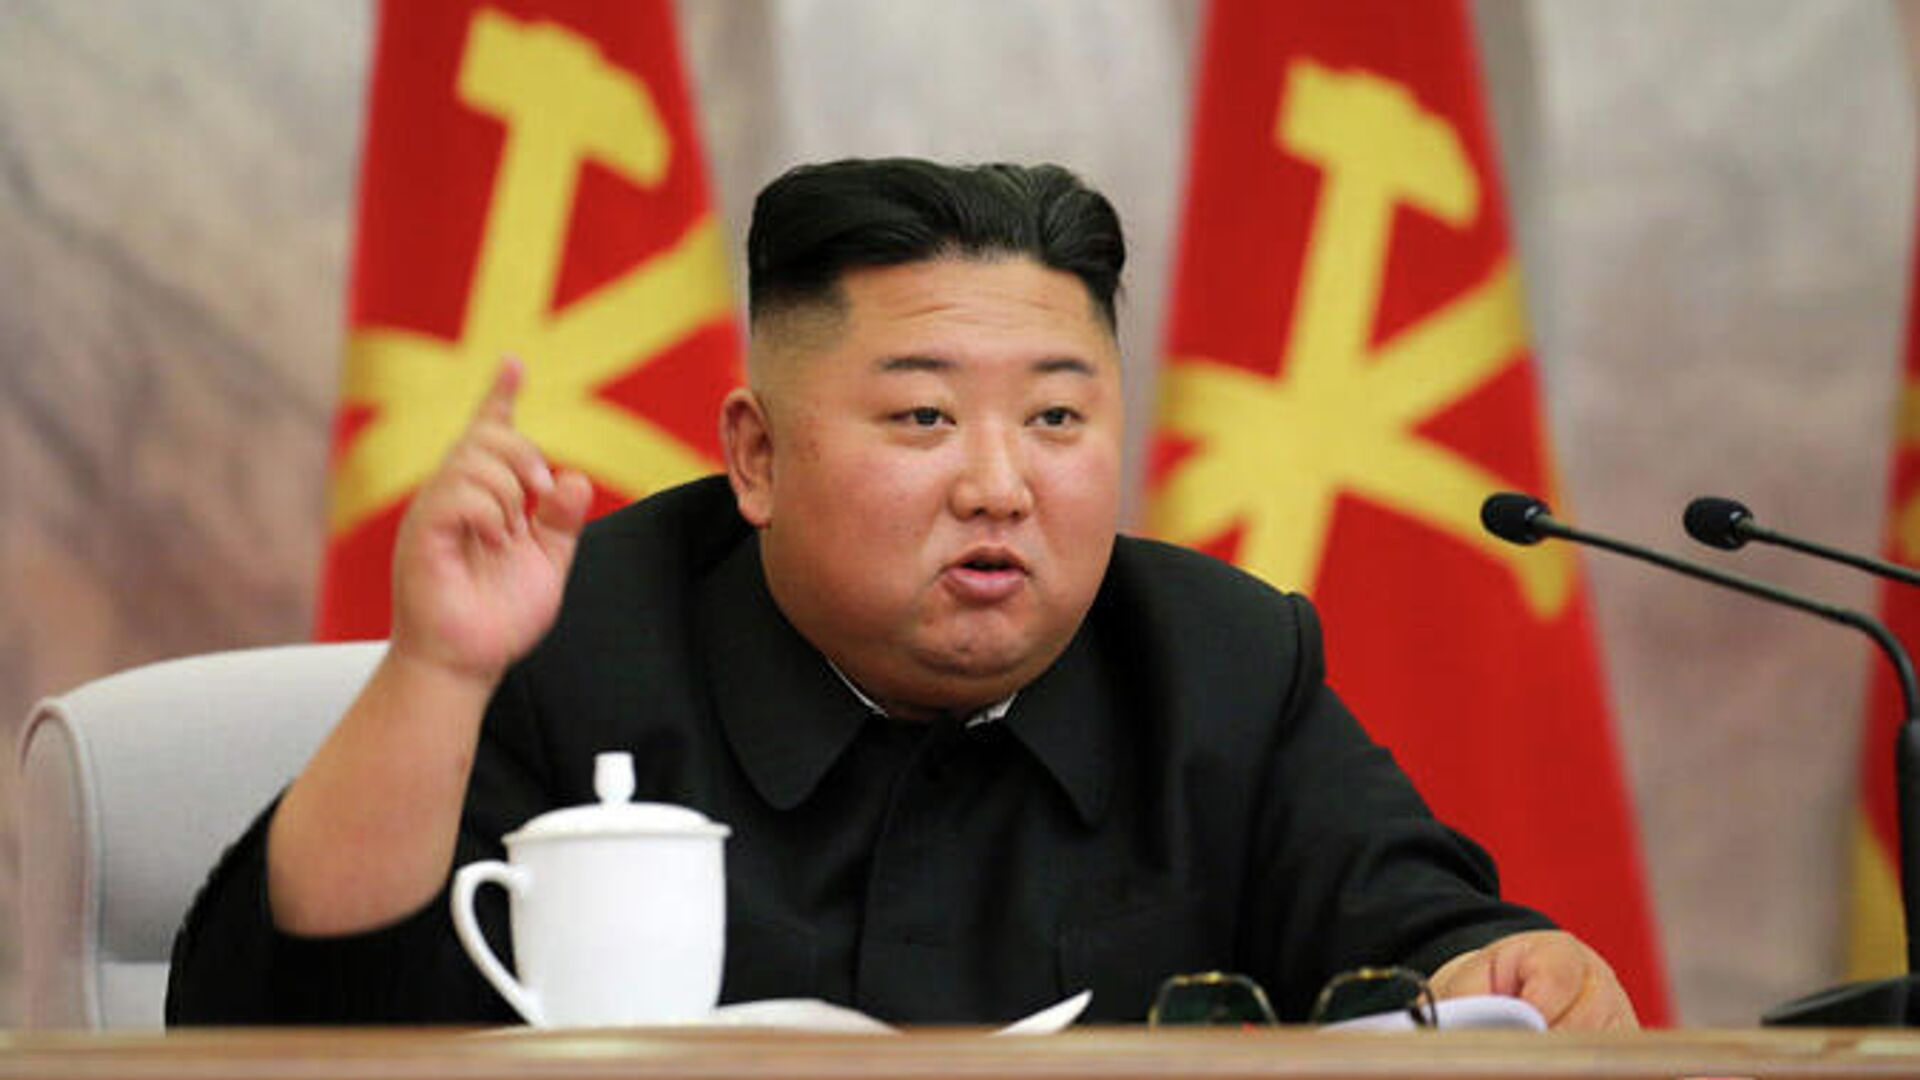 Председатель Трудовой партии Кореи Ким Чен Ын на заседании Центрального военного комитета - РИА Новости, 1920, 09.01.2021